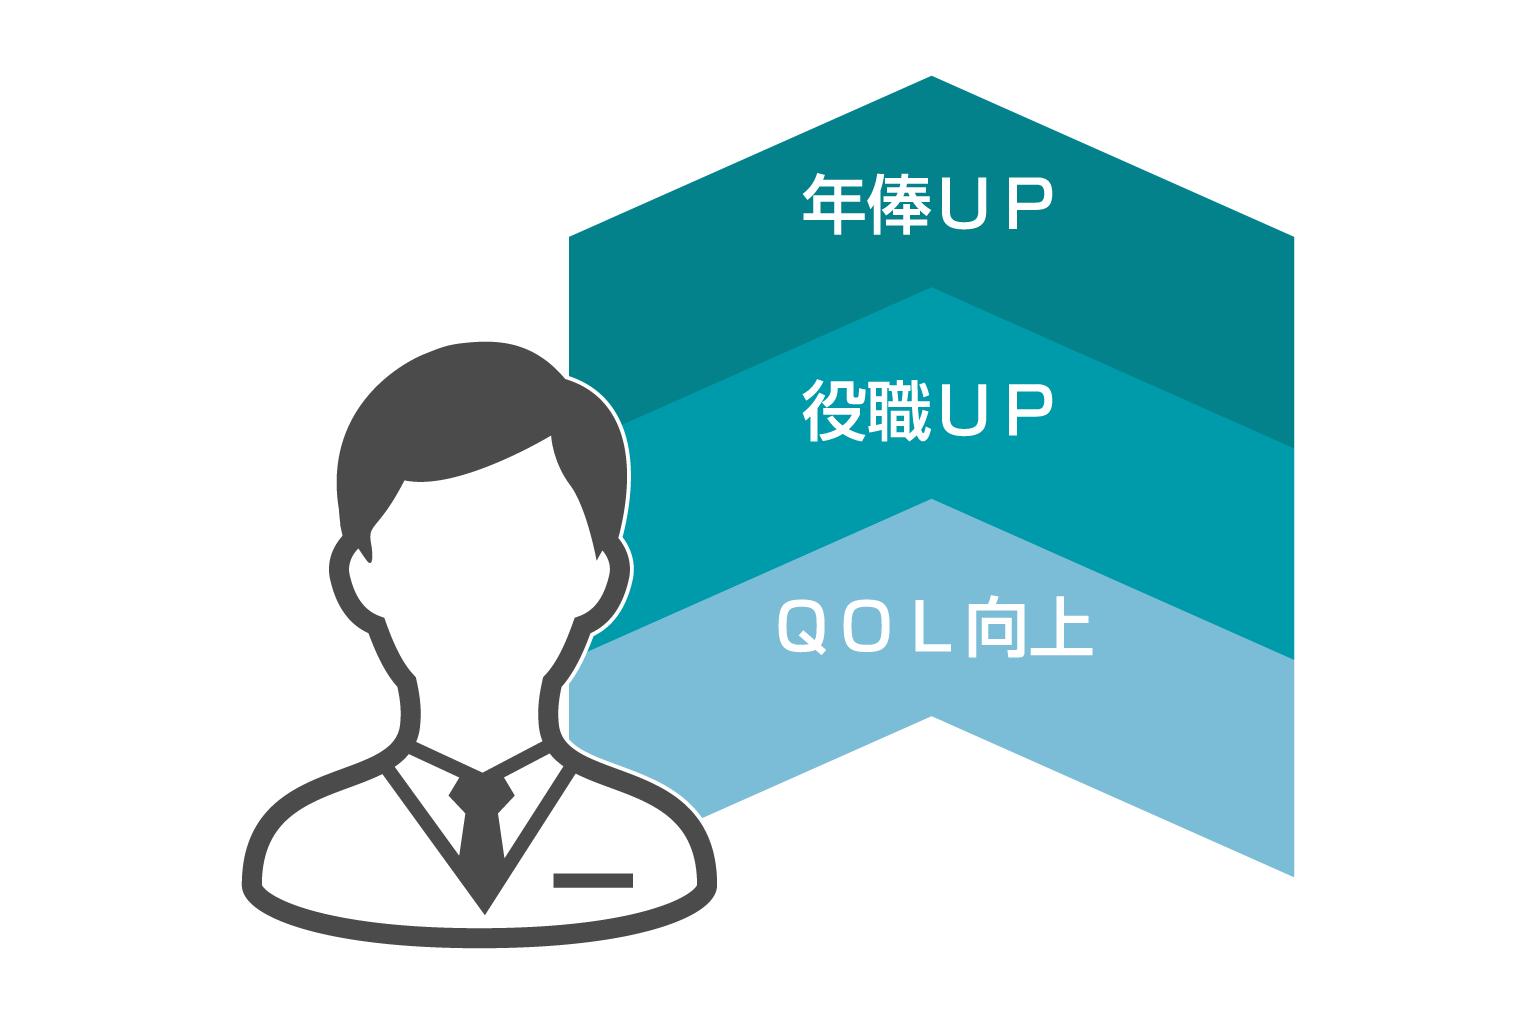 医師全員が年俸アップ、QOL向上を実現。情報量の多さよりも知見の深さで転職成功に導く。